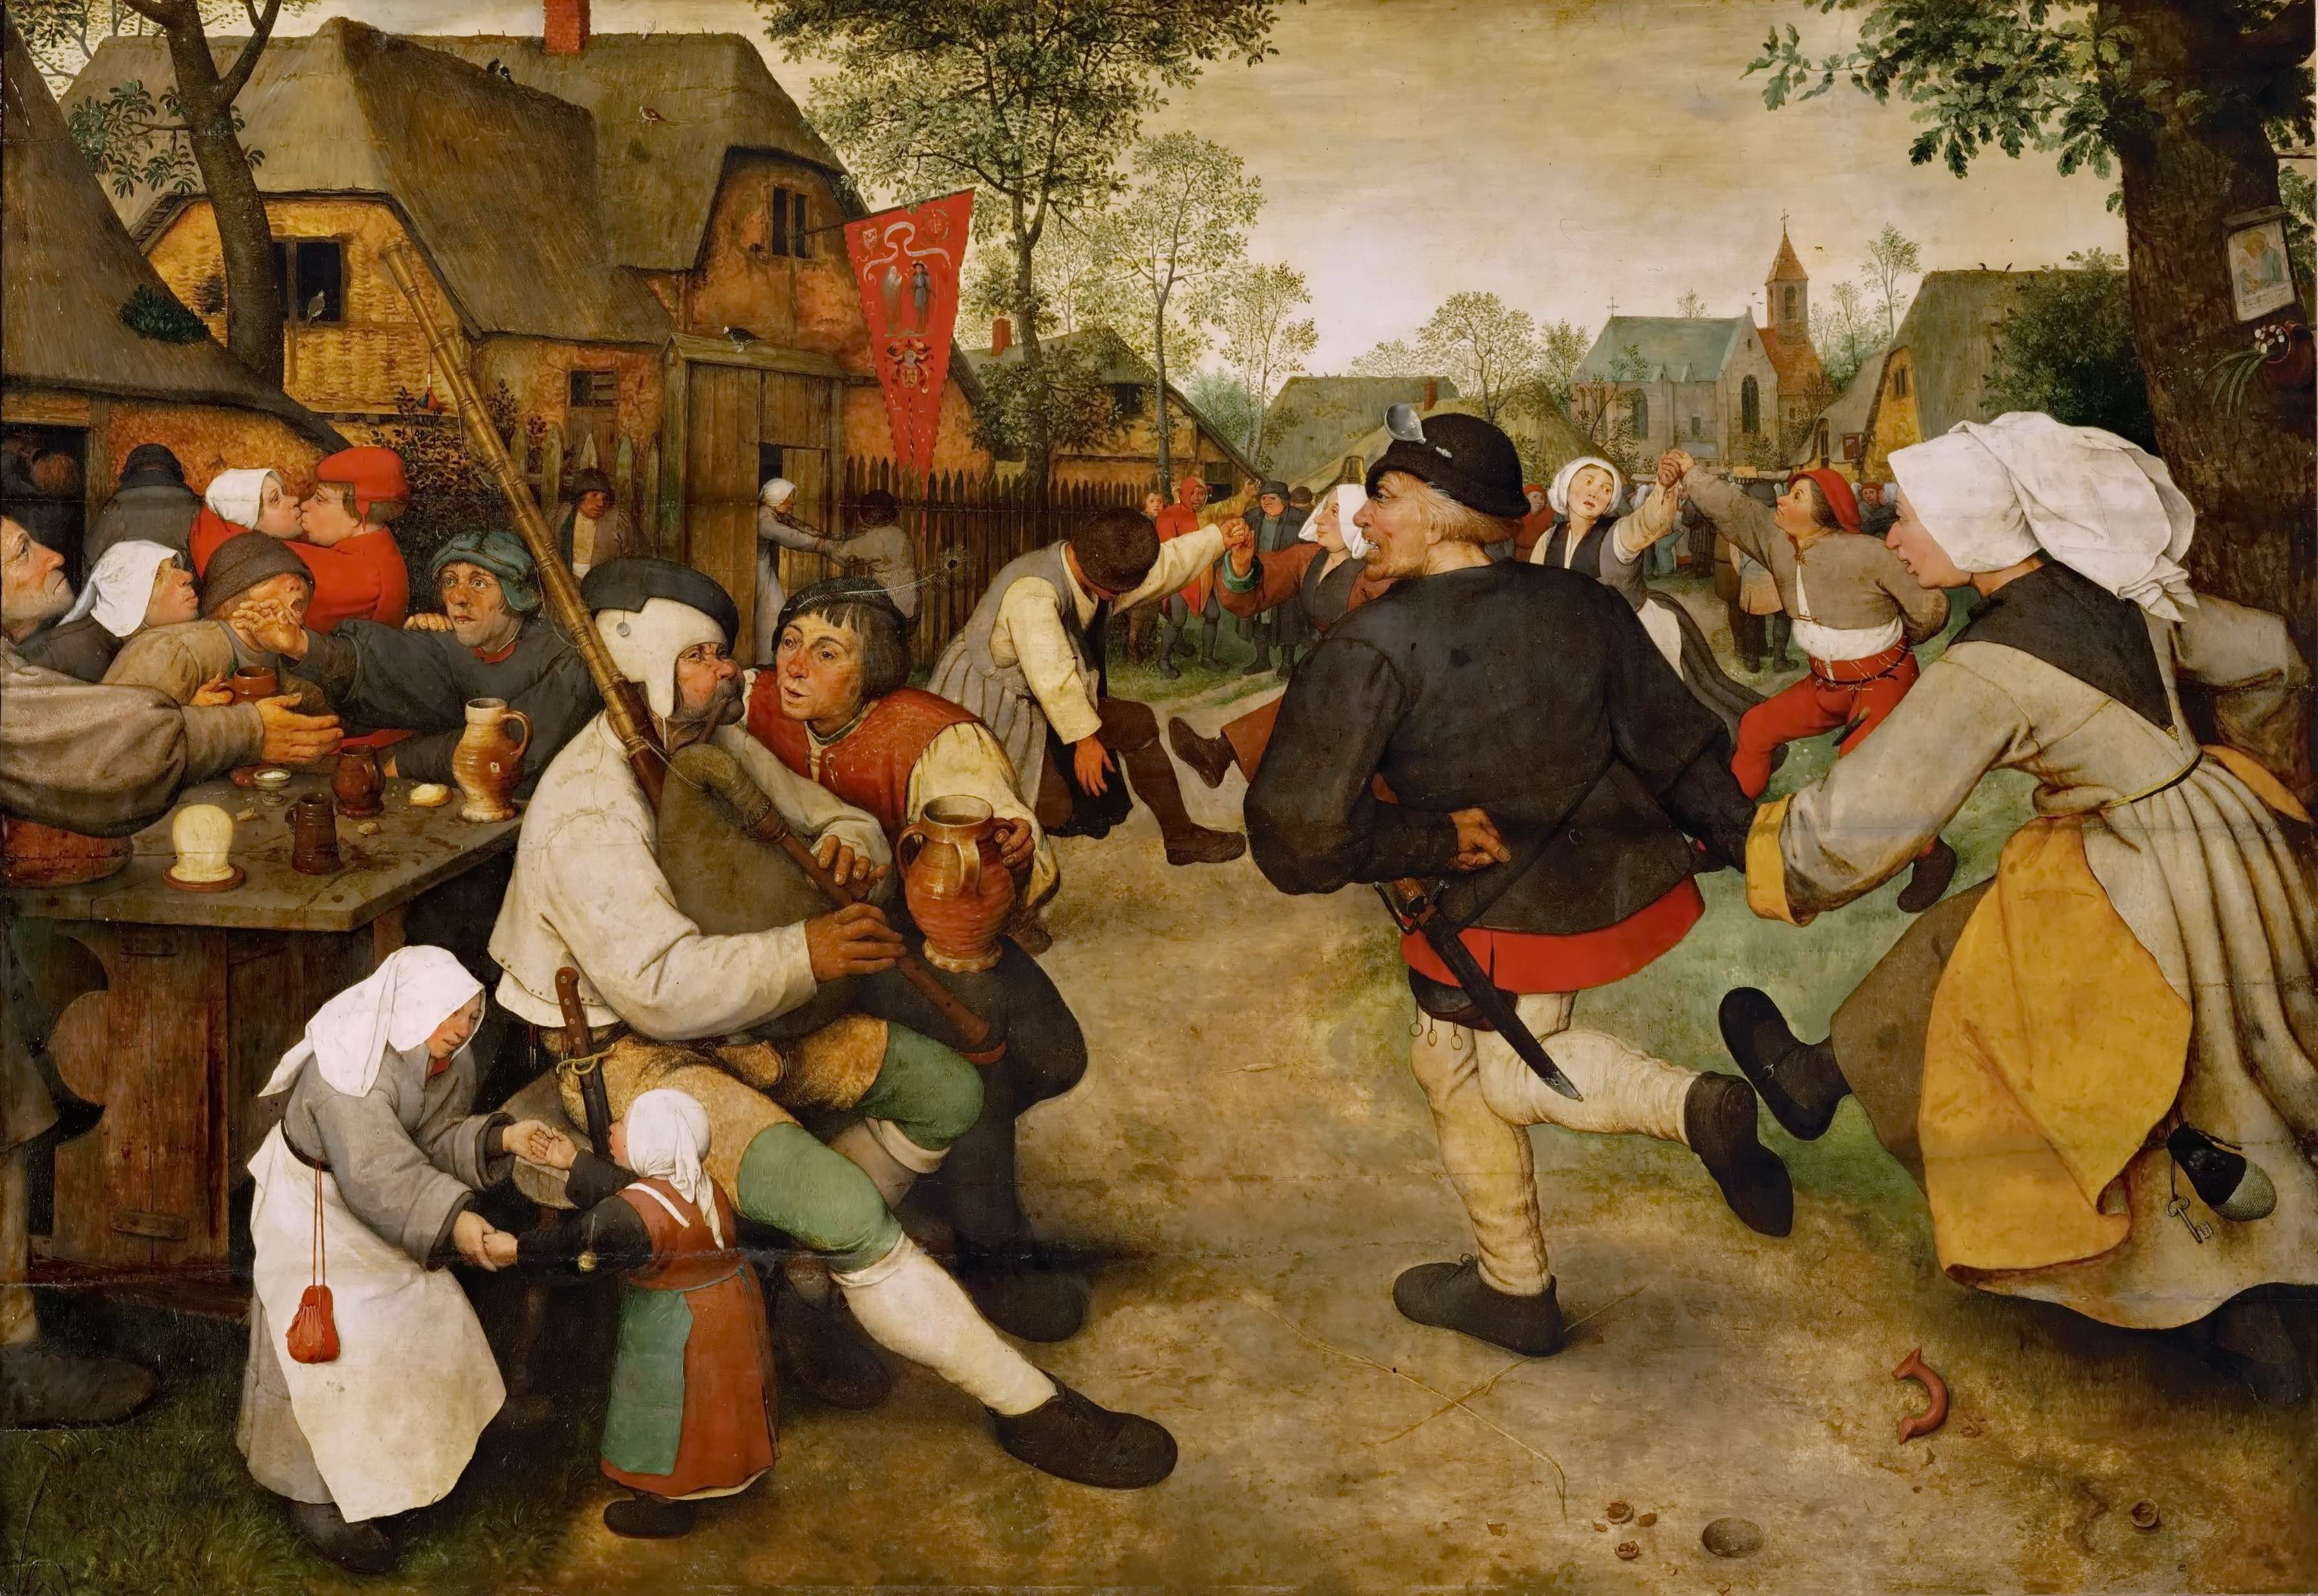 Πίτερ Μπρίγκελ ή Μπρέγκελ ο πρεσβύτερος. The Peasant Dance (1568), Kunsthistorisches Museum, Vienna, oil on oak panel